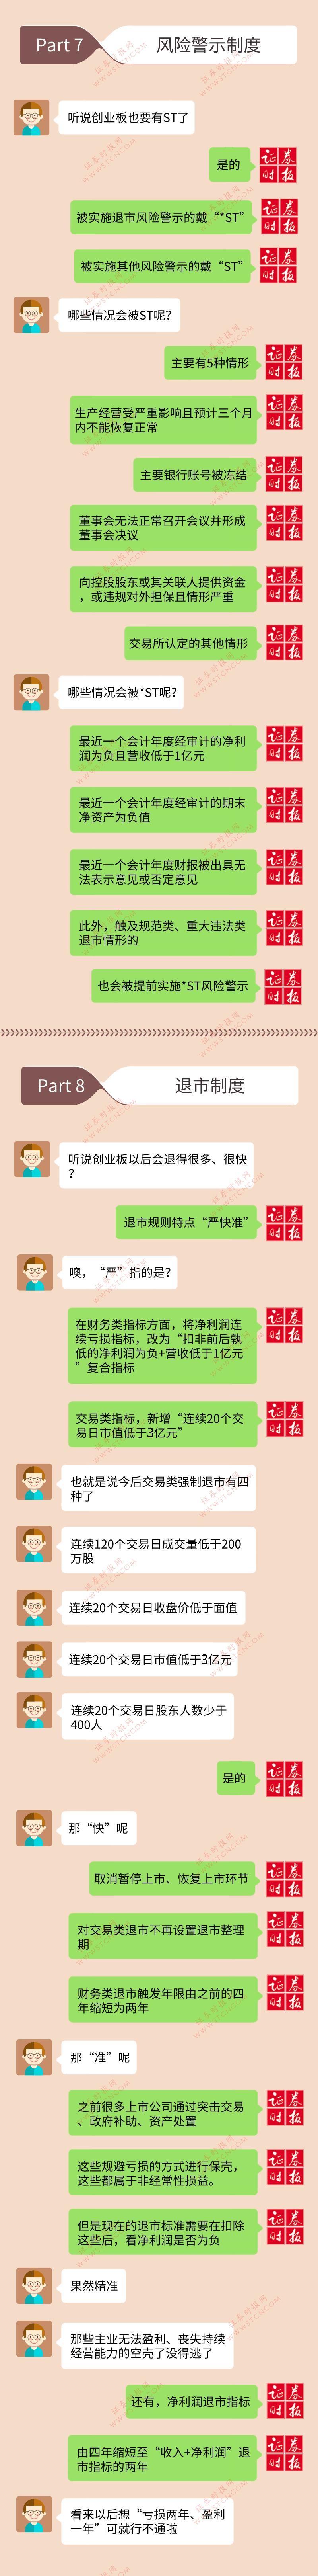 丽江3岁男孩被抱走车牌疑为川牌 女亲称孩子仍已找到